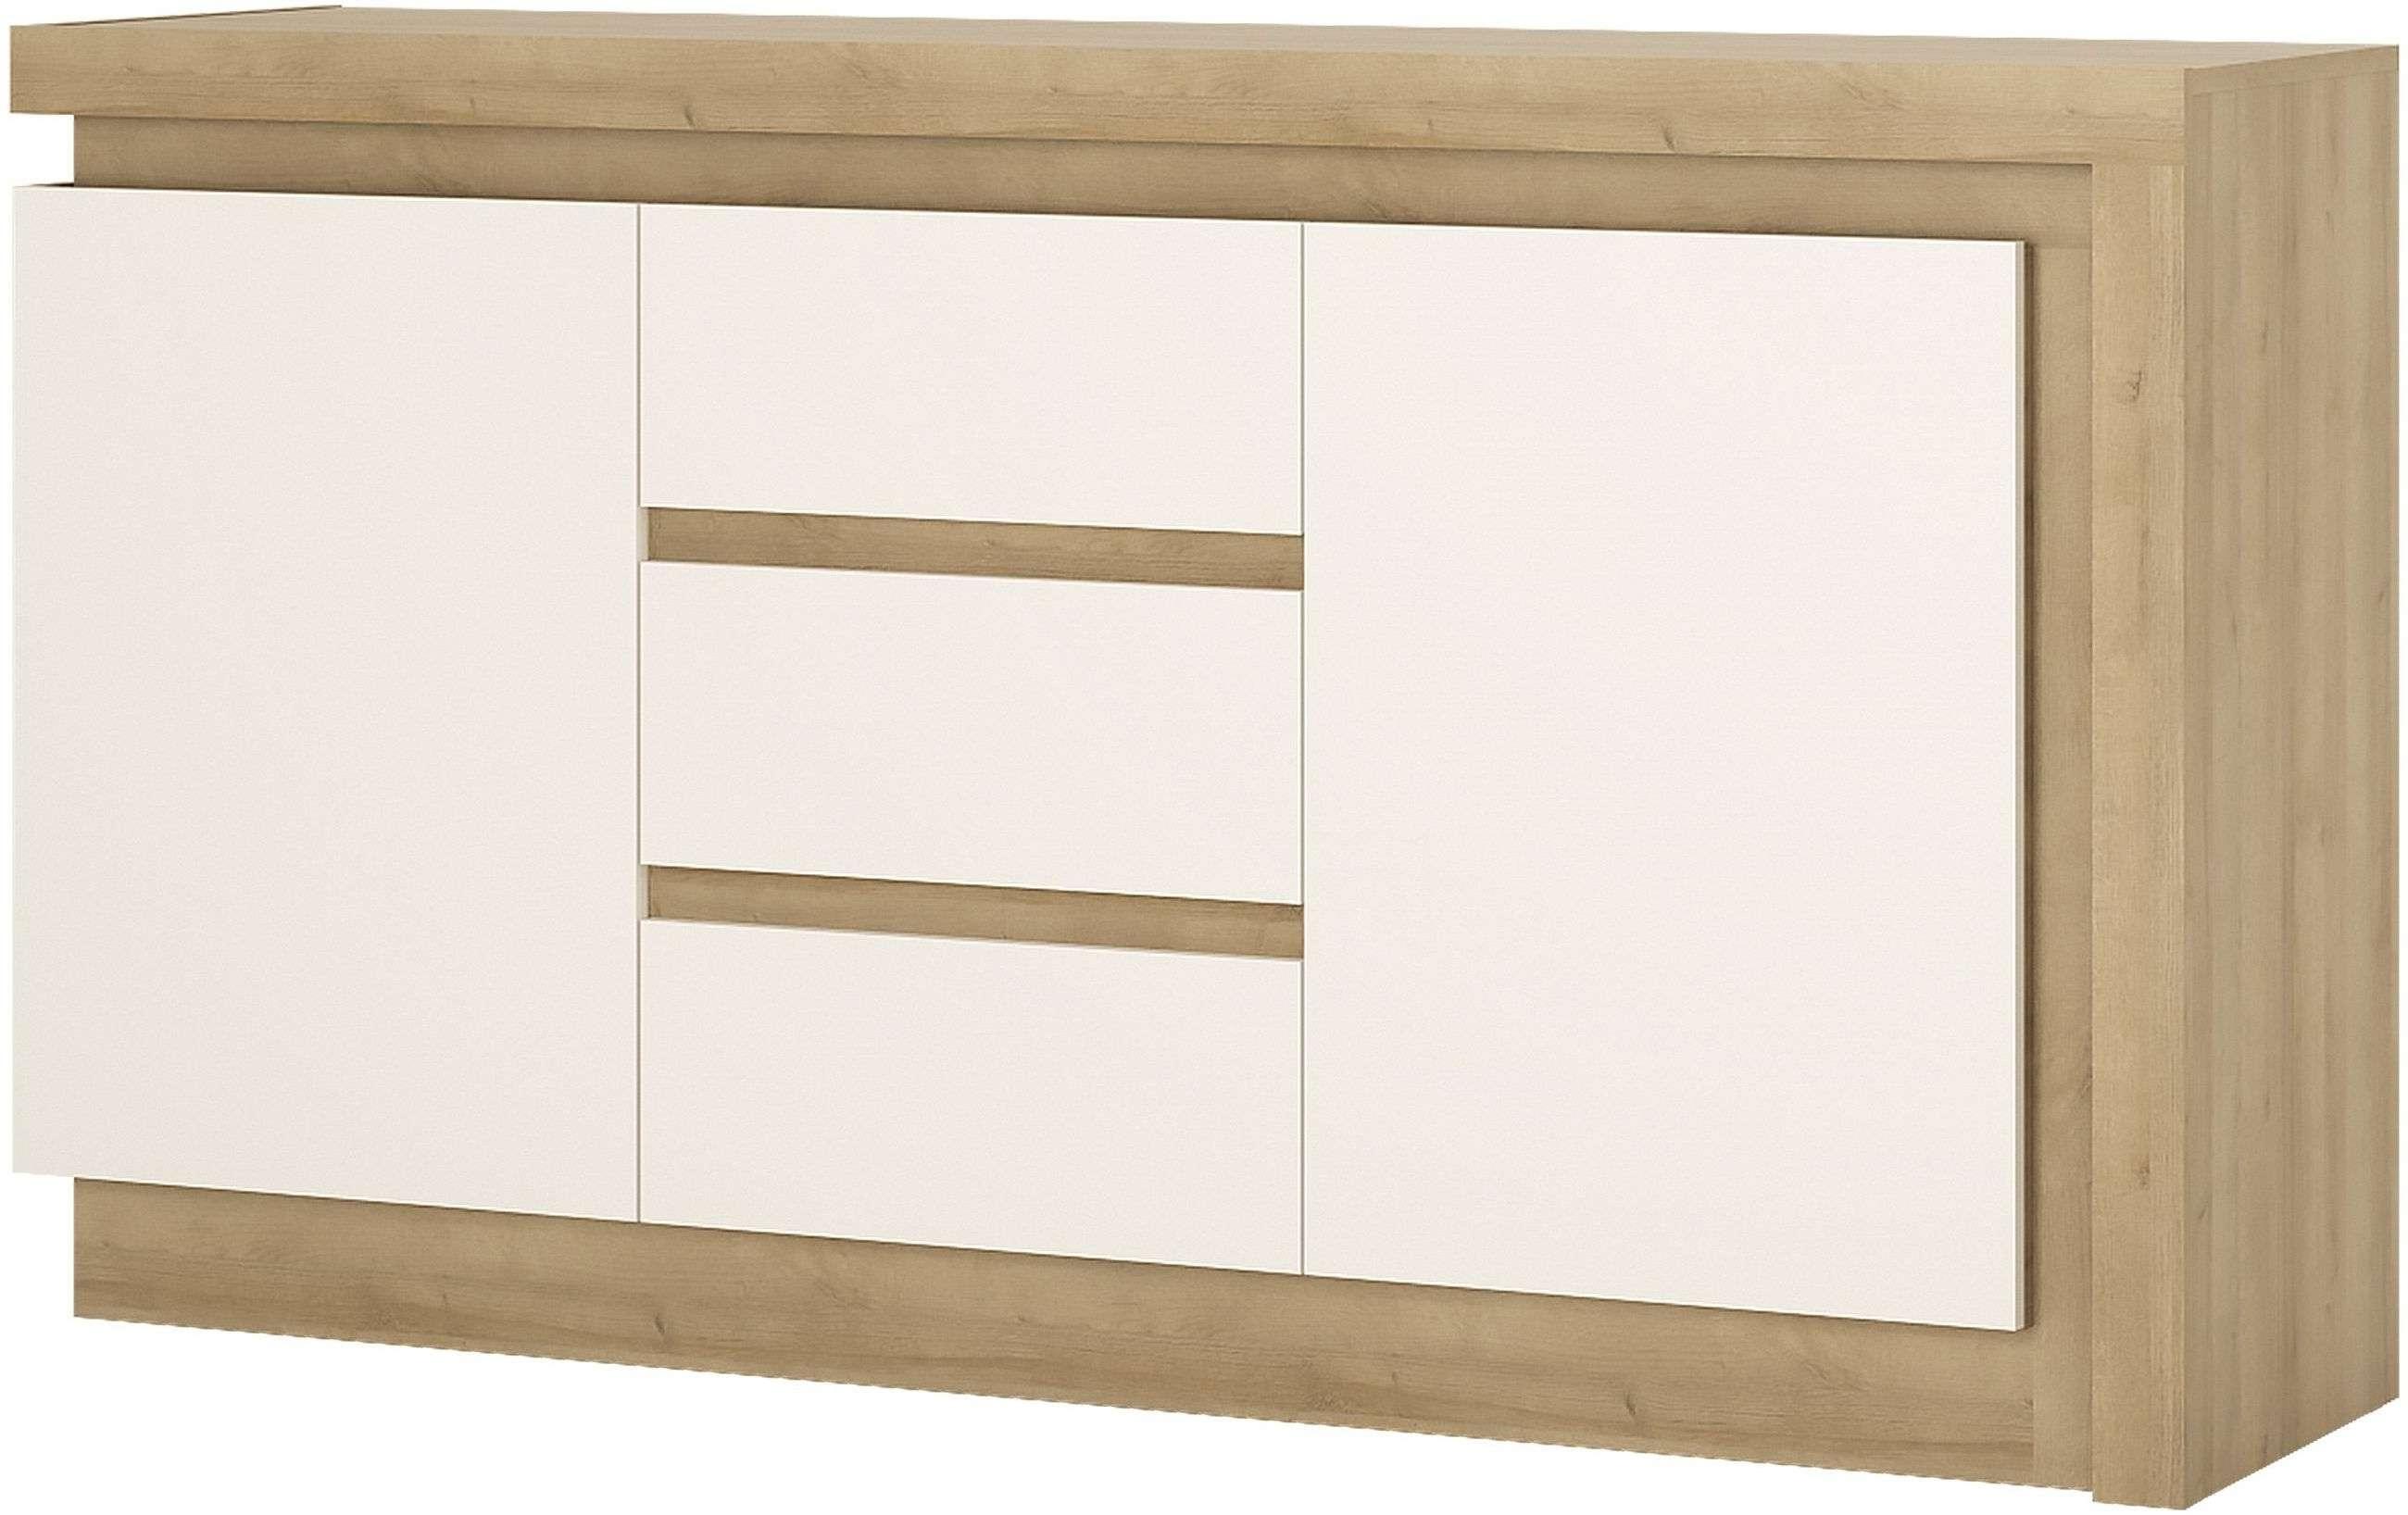 Buy Lyon Riviera Oak And White High Gloss Sideboard – 2 Door 3 Inside High Gloss Sideboards (View 17 of 20)